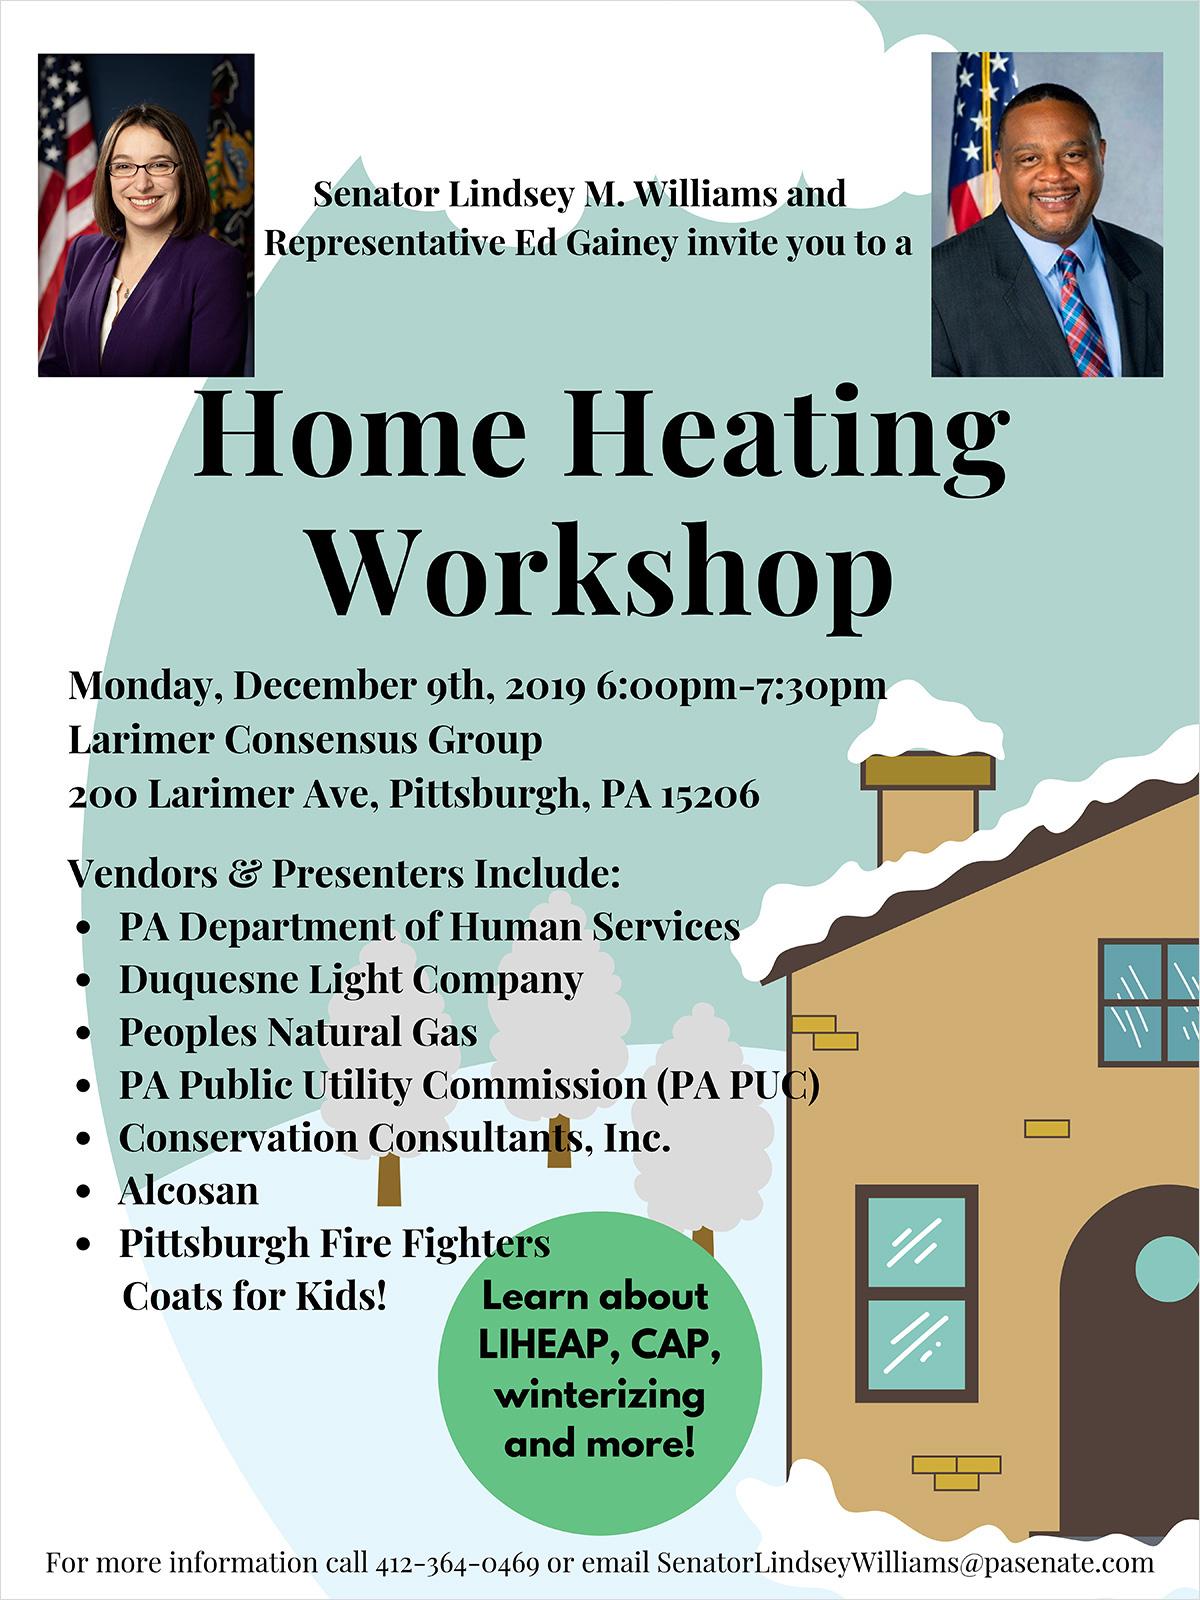 Home Heating Workshop - December 9, 2019